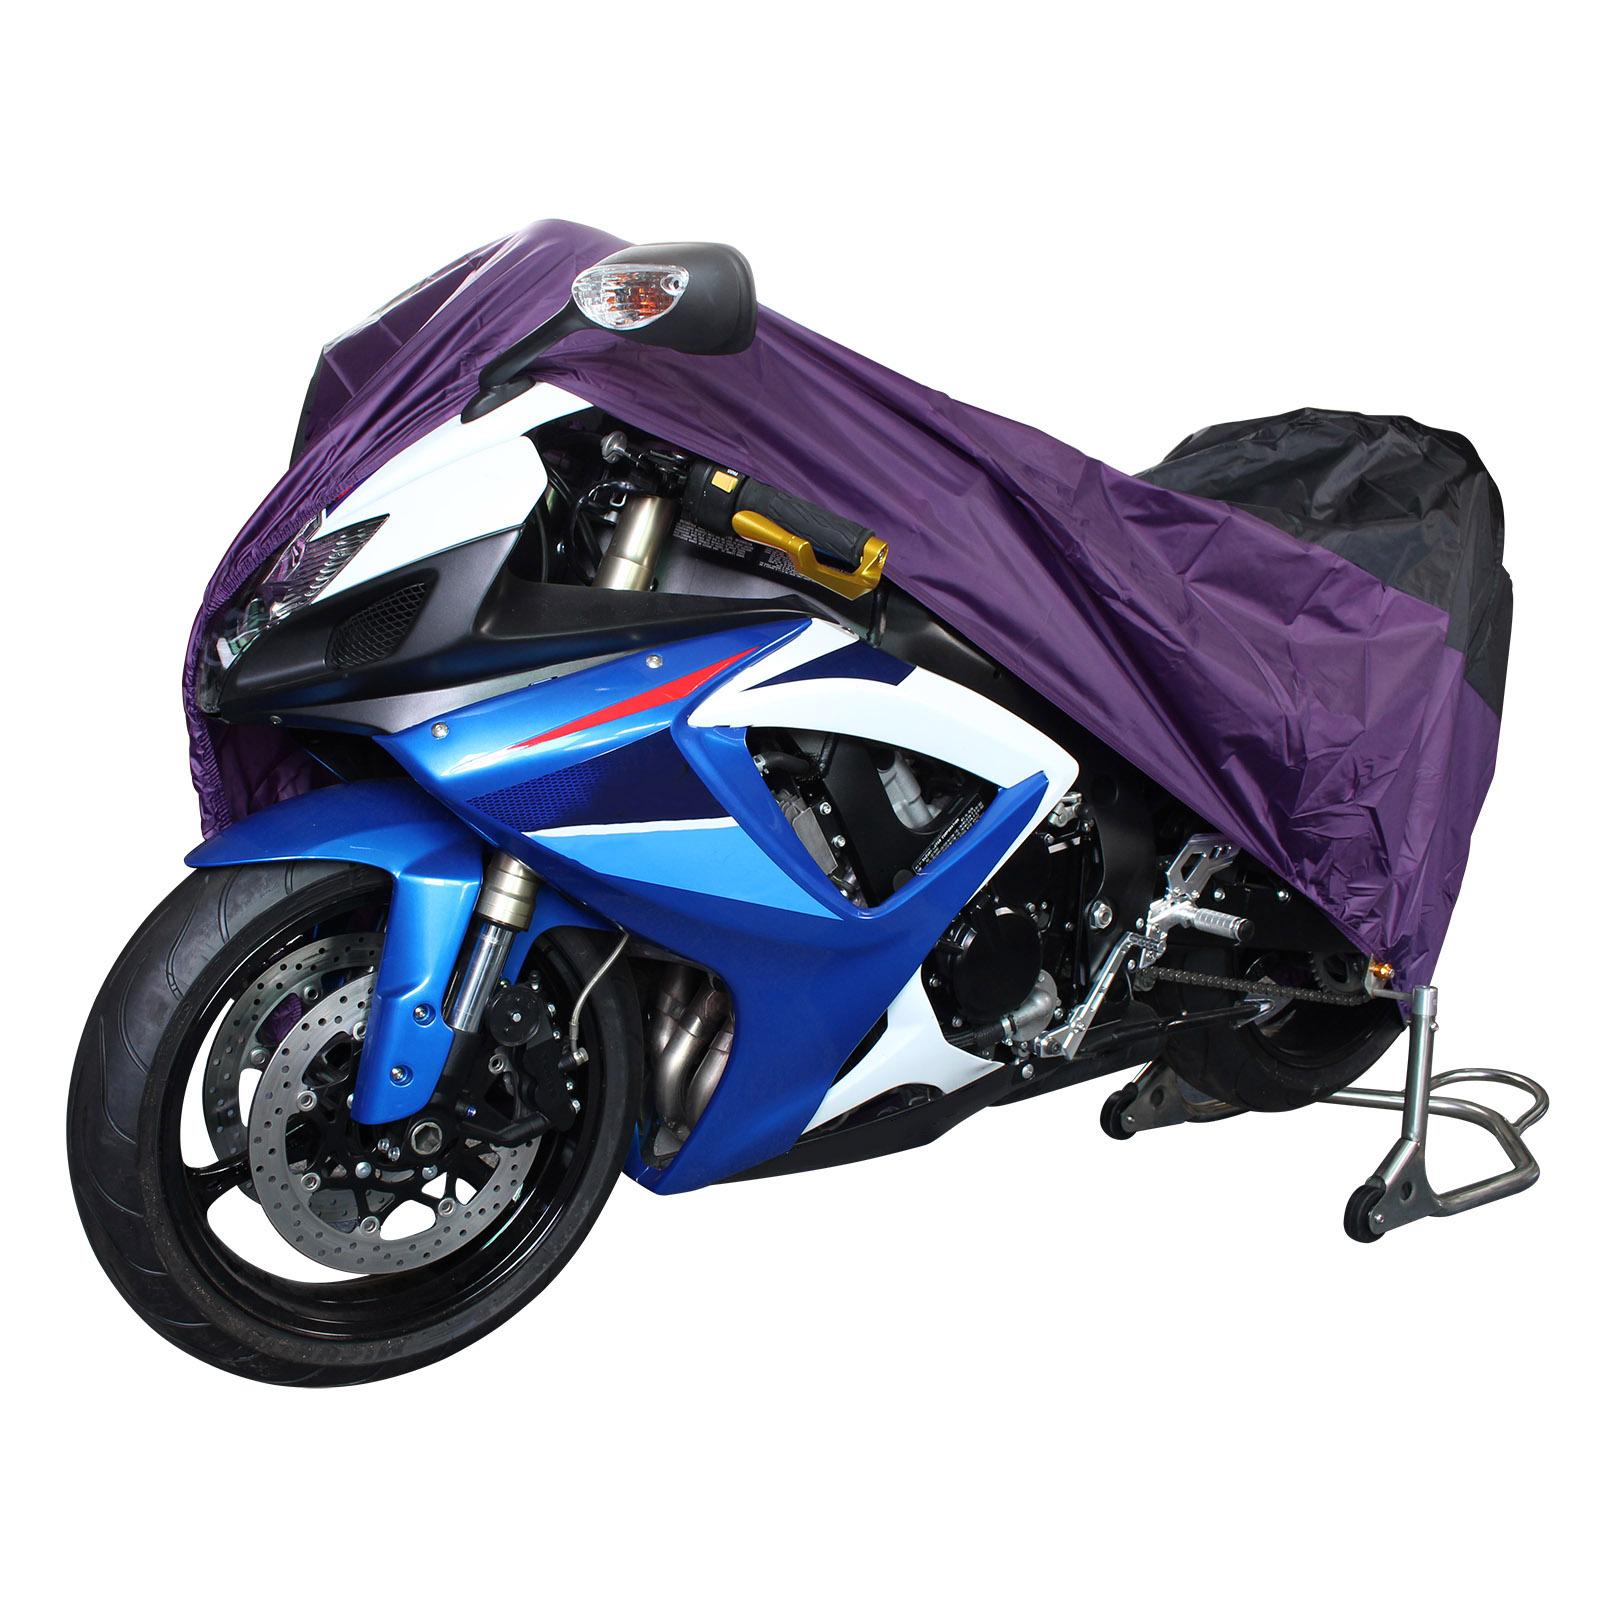 Xl Waterproof Motorcycle Motorbike Cruiser Scooter Motor